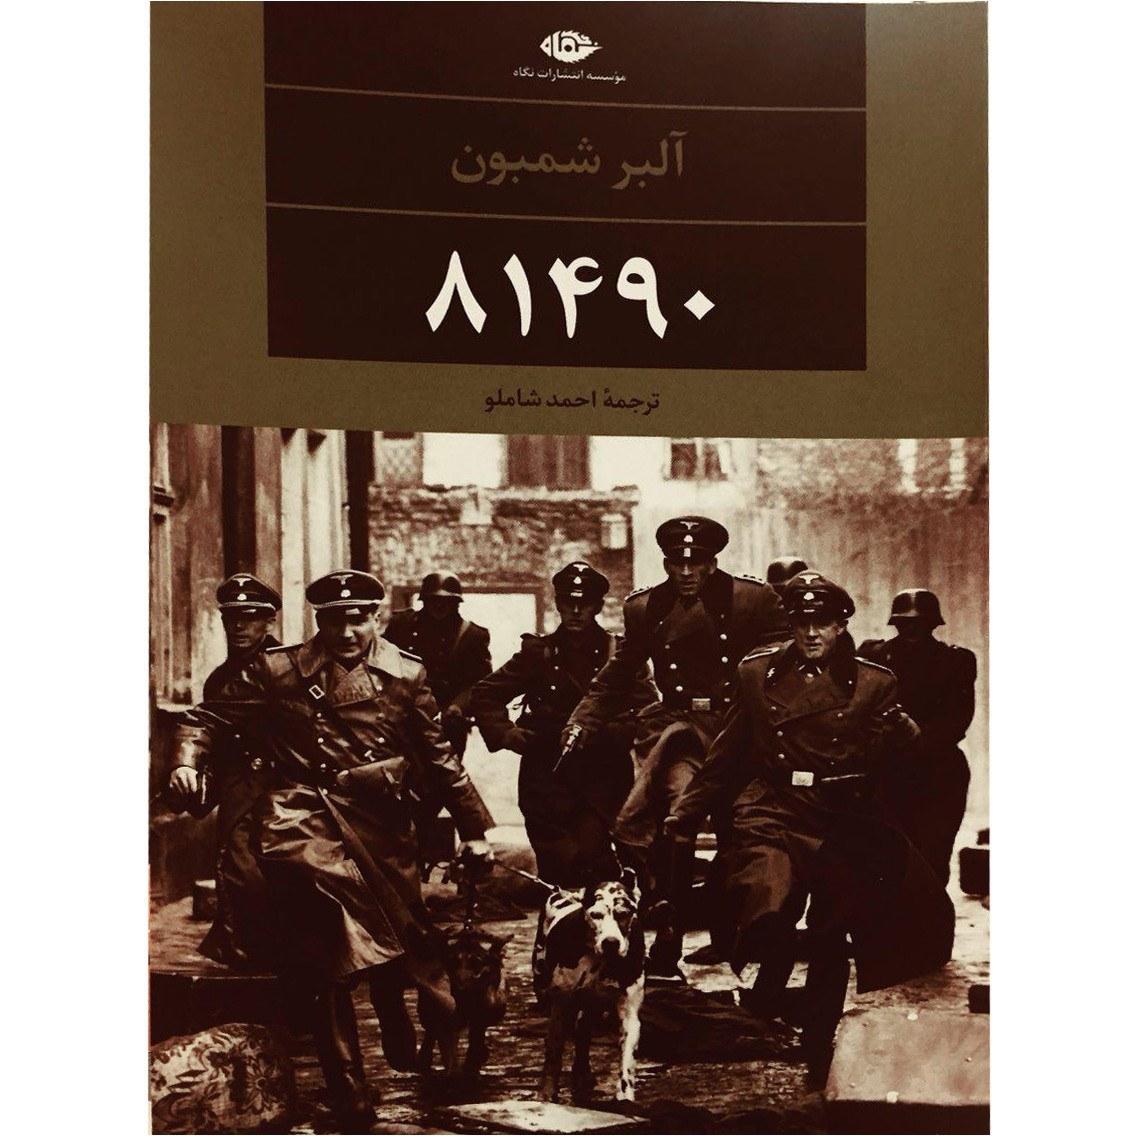 کتاب ۸۱۴۹۰ اثر آلبر شمبون